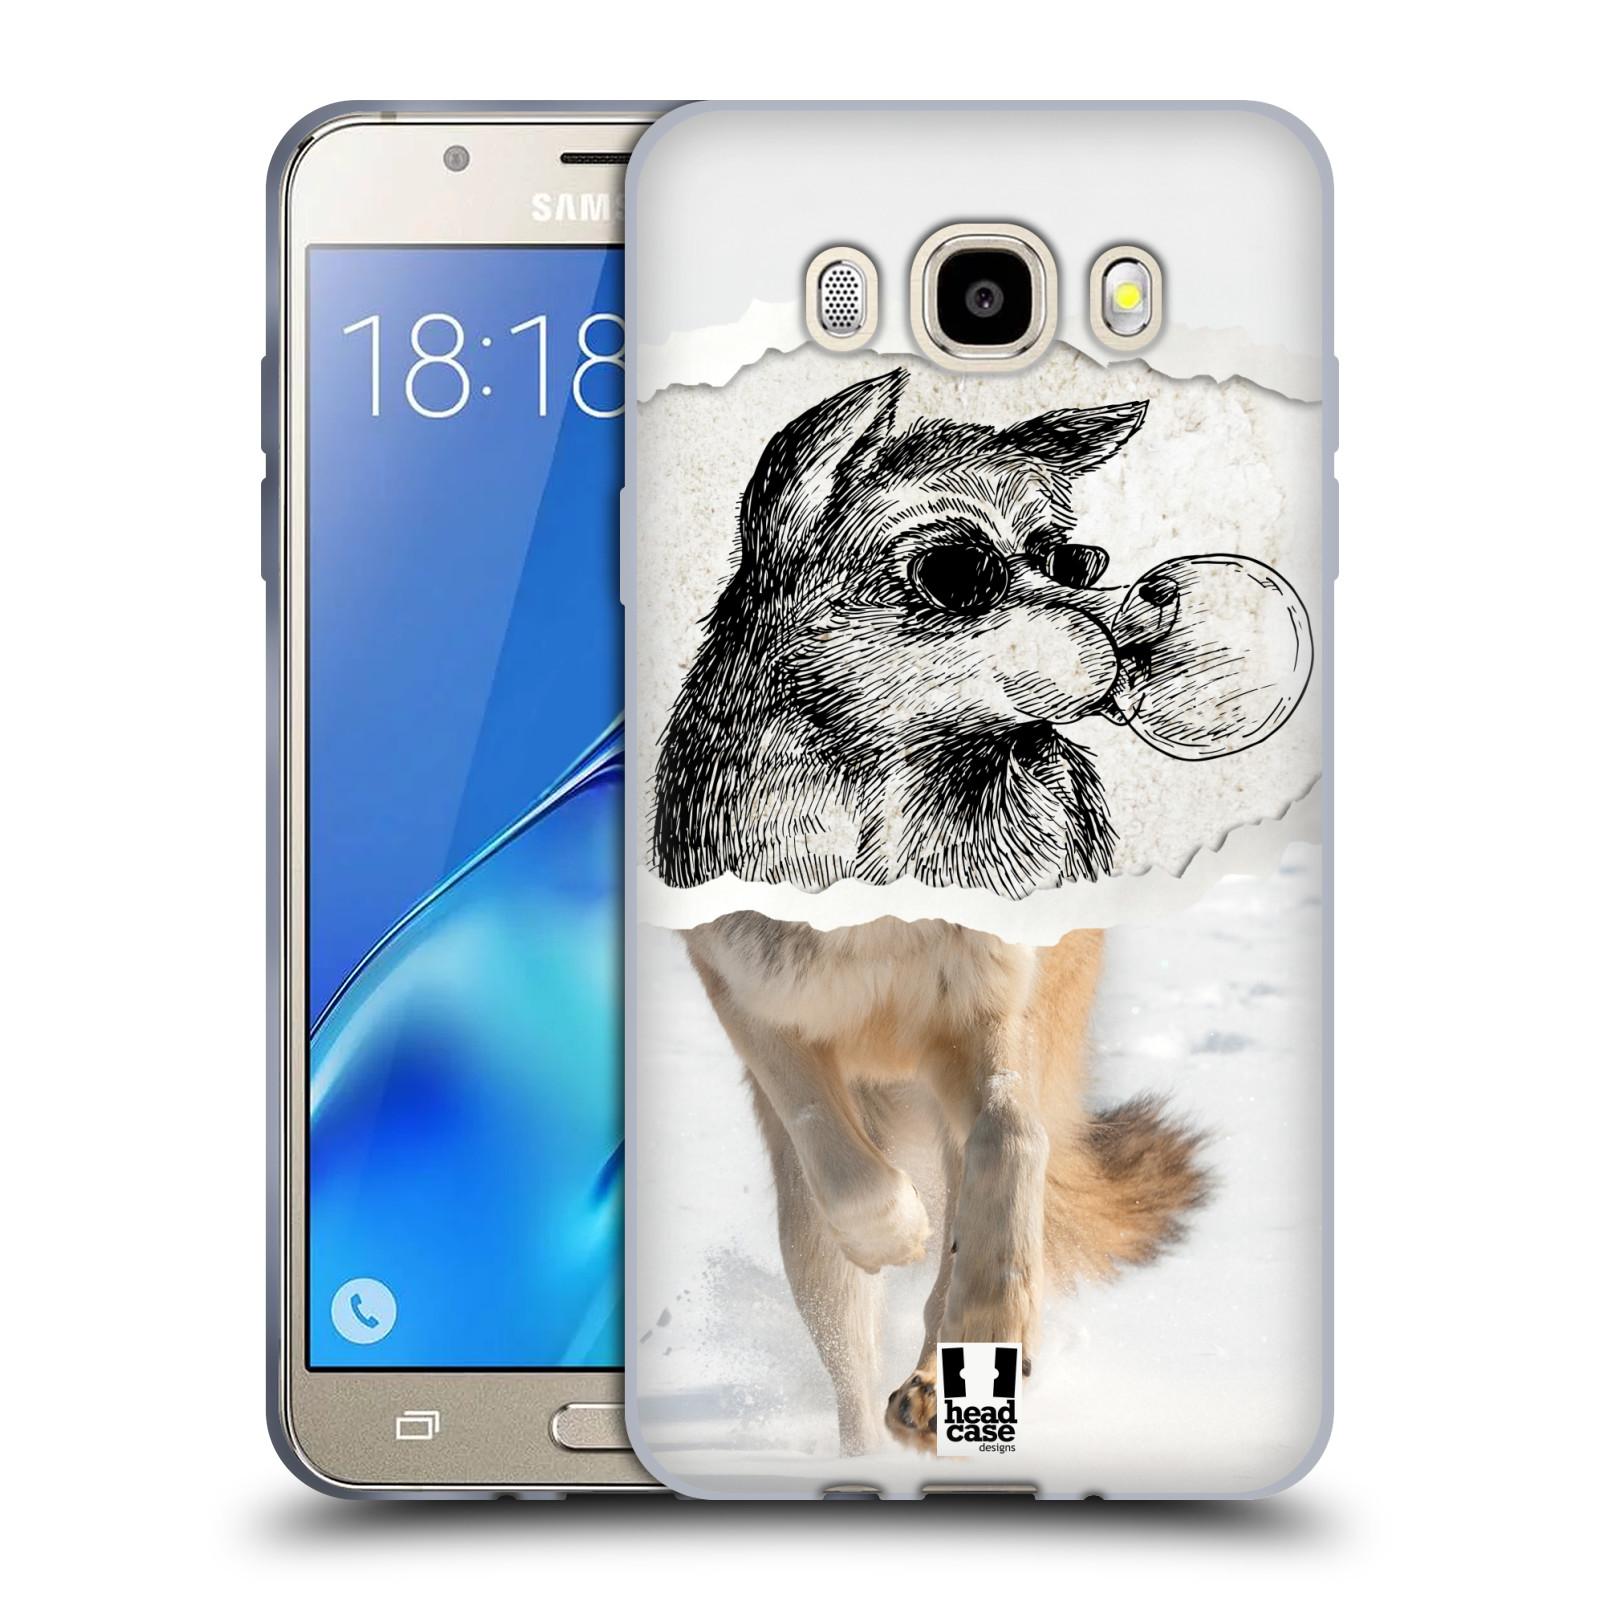 HEAD CASE silikonový obal, kryt na mobil Samsung Galaxy J5 2016, J510, J510F, (J510F DUAL SIM) vzor zvířata koláž vlk pohodář